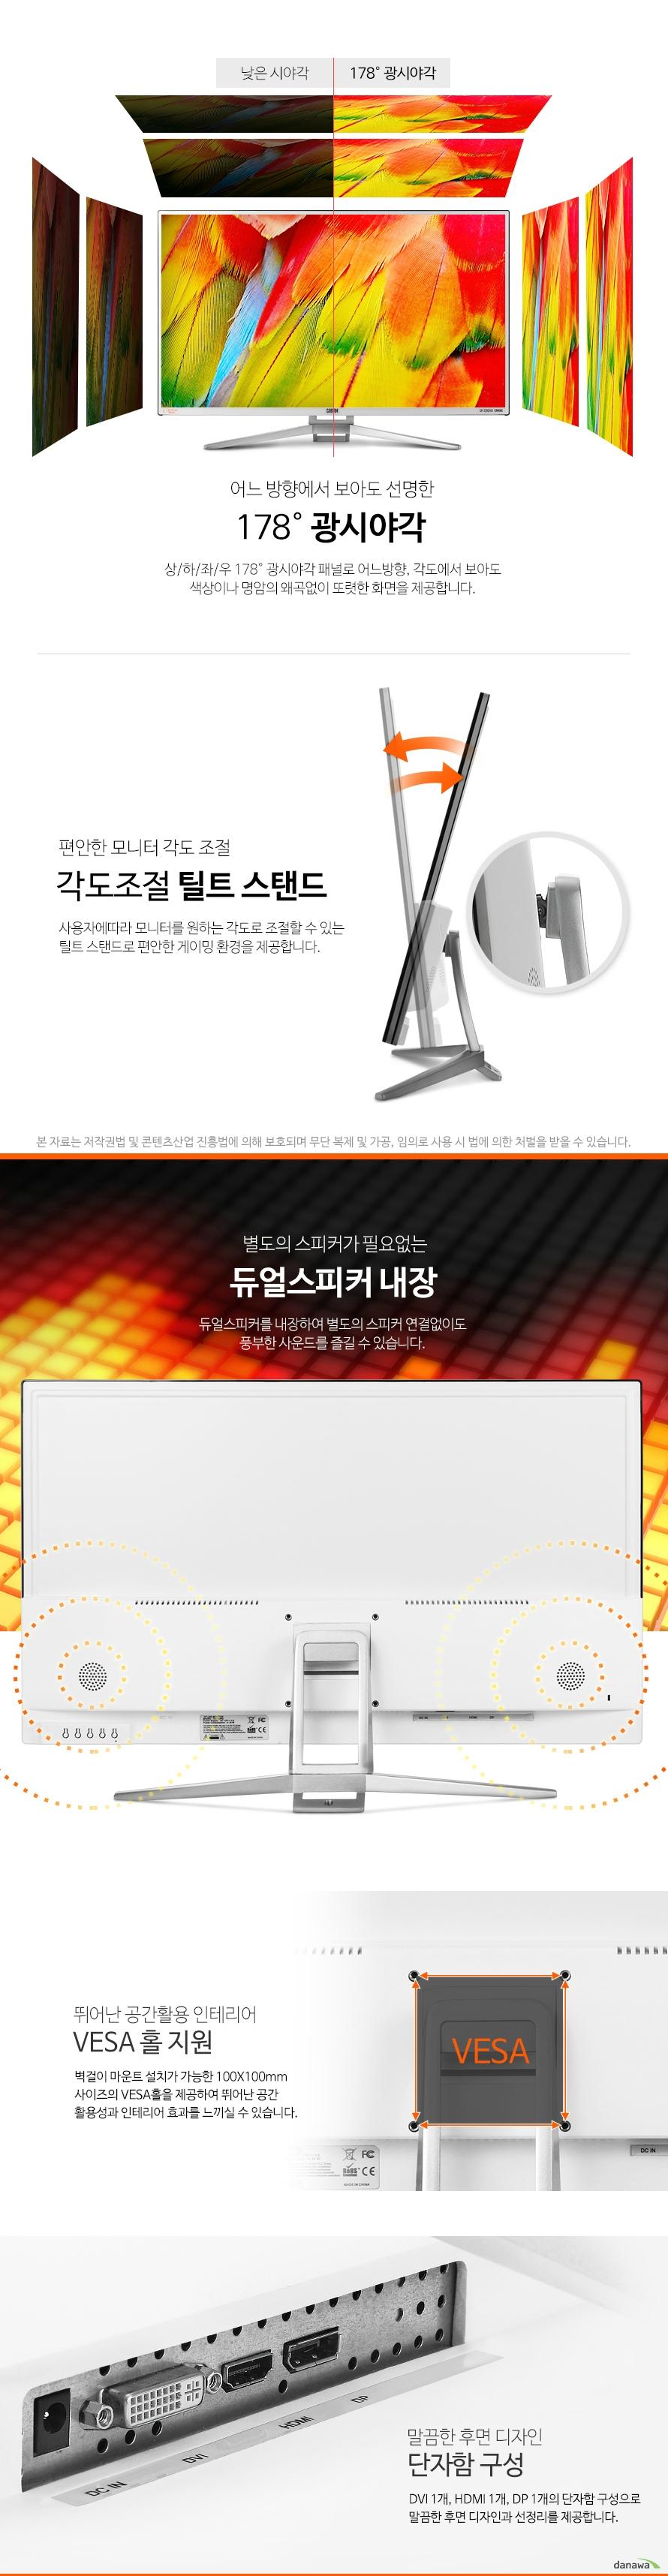 가람디스플레이  GR-320G144 GAMING 강화유리